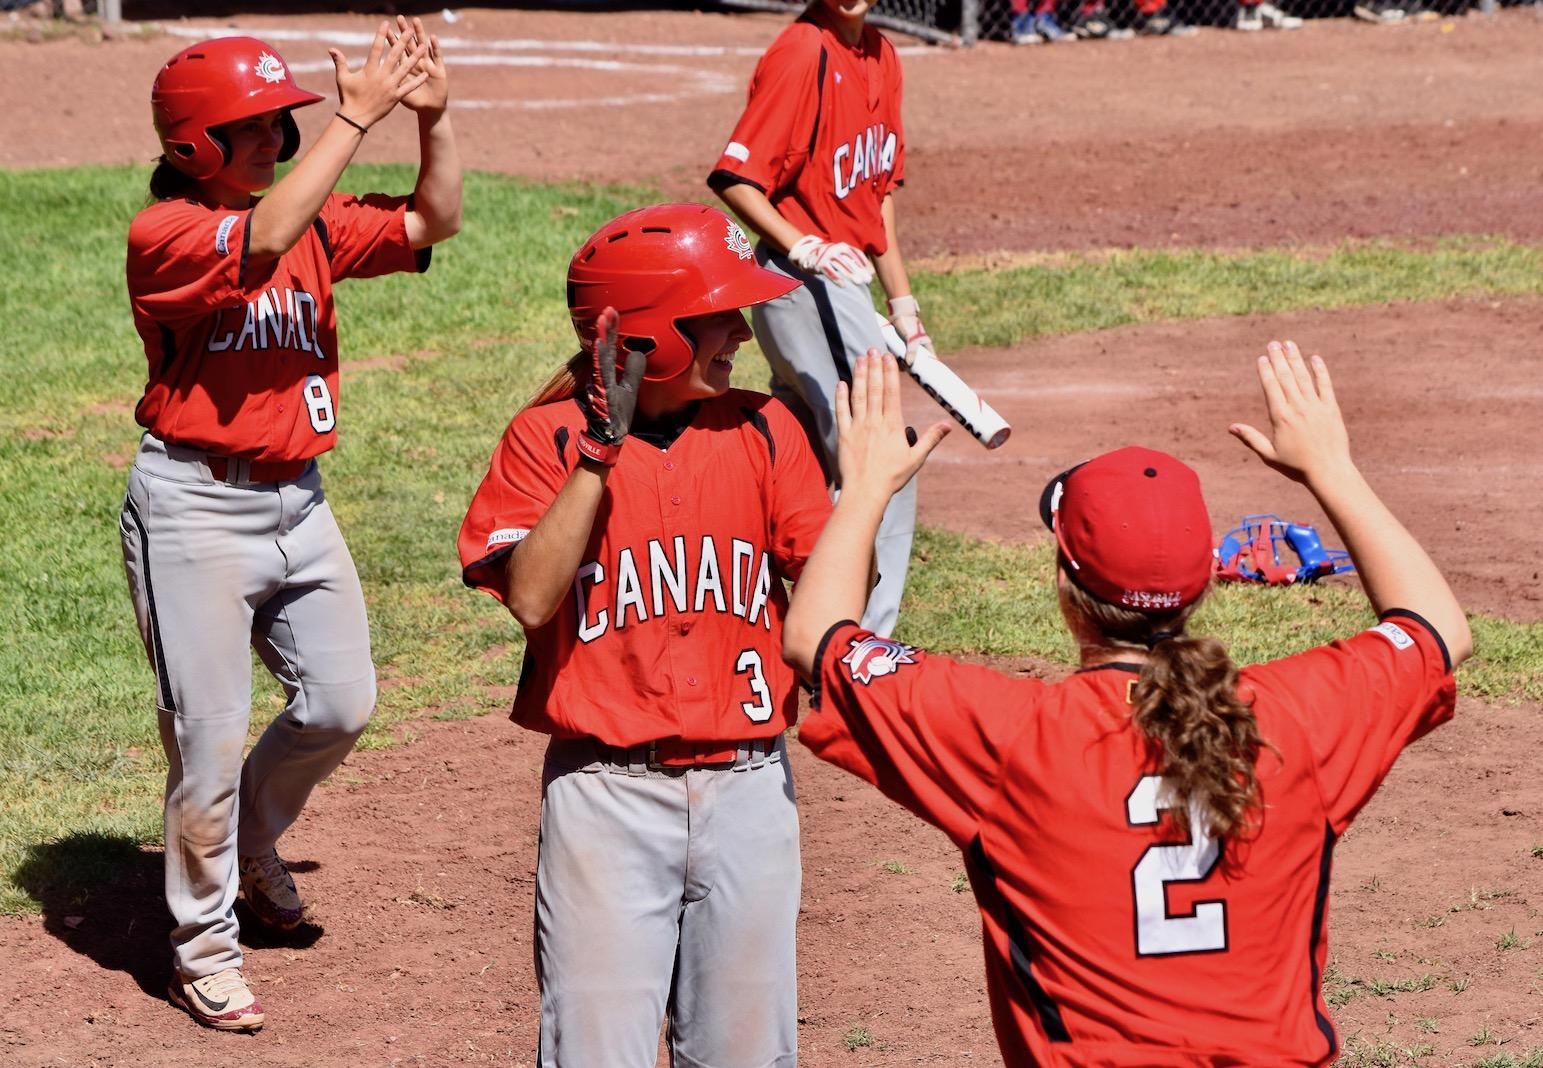 Équipe féminine : Les Canadiennes reviennent de l'arrière et battent Cuba